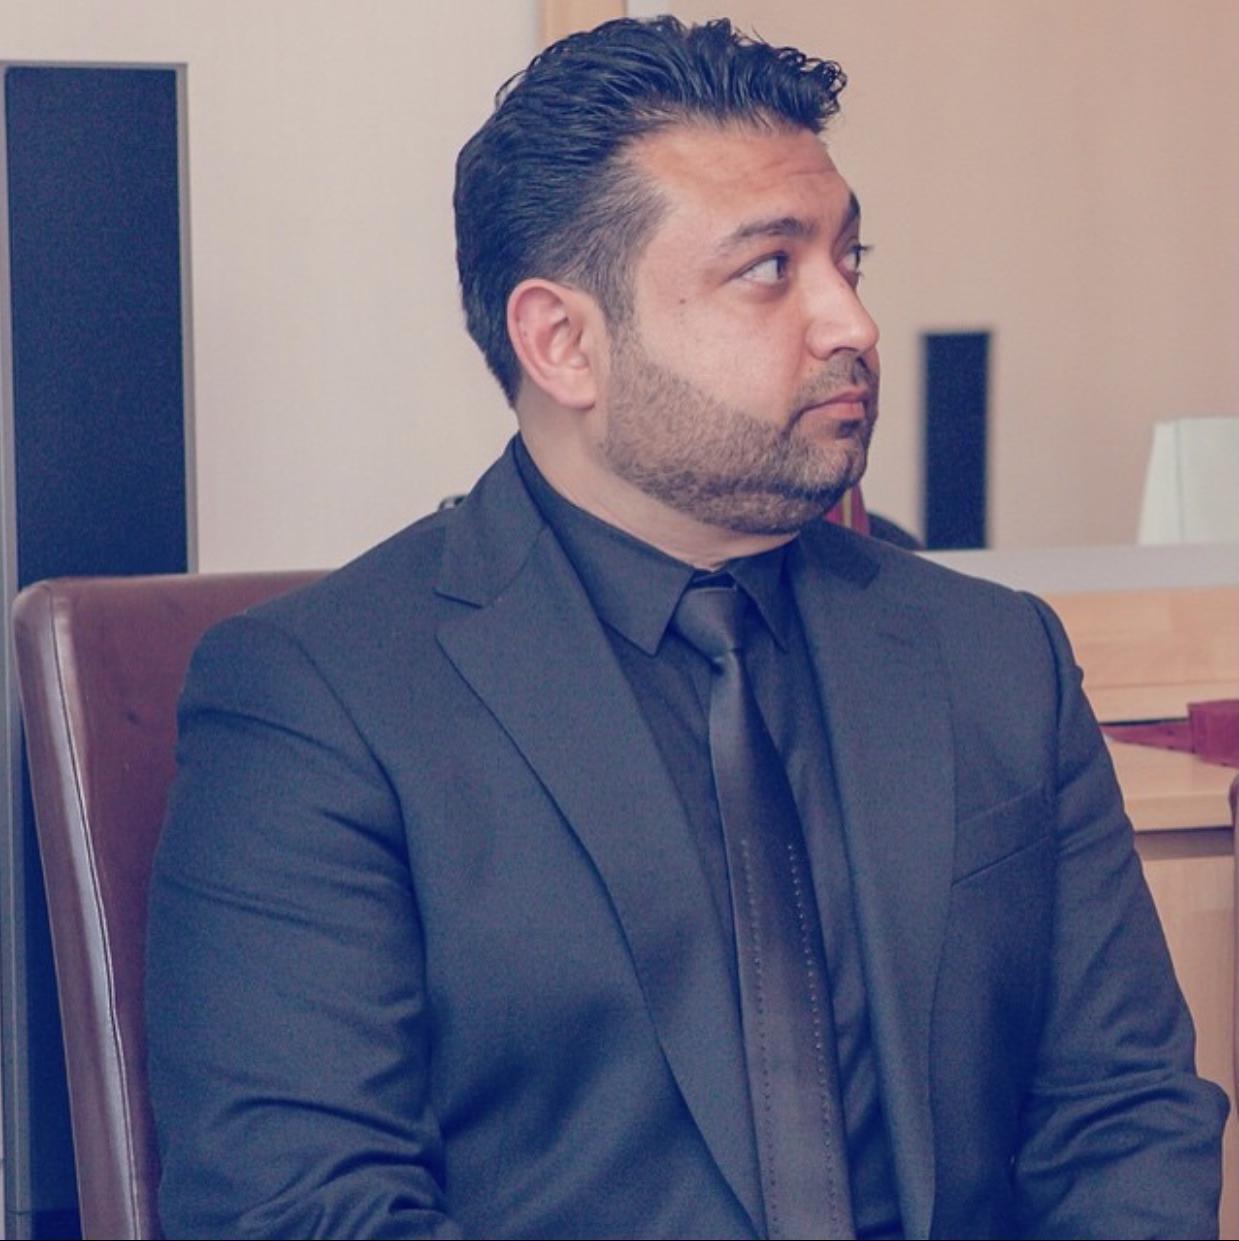 Mehmet Altinsoy - Boekhouder in Rotterdam